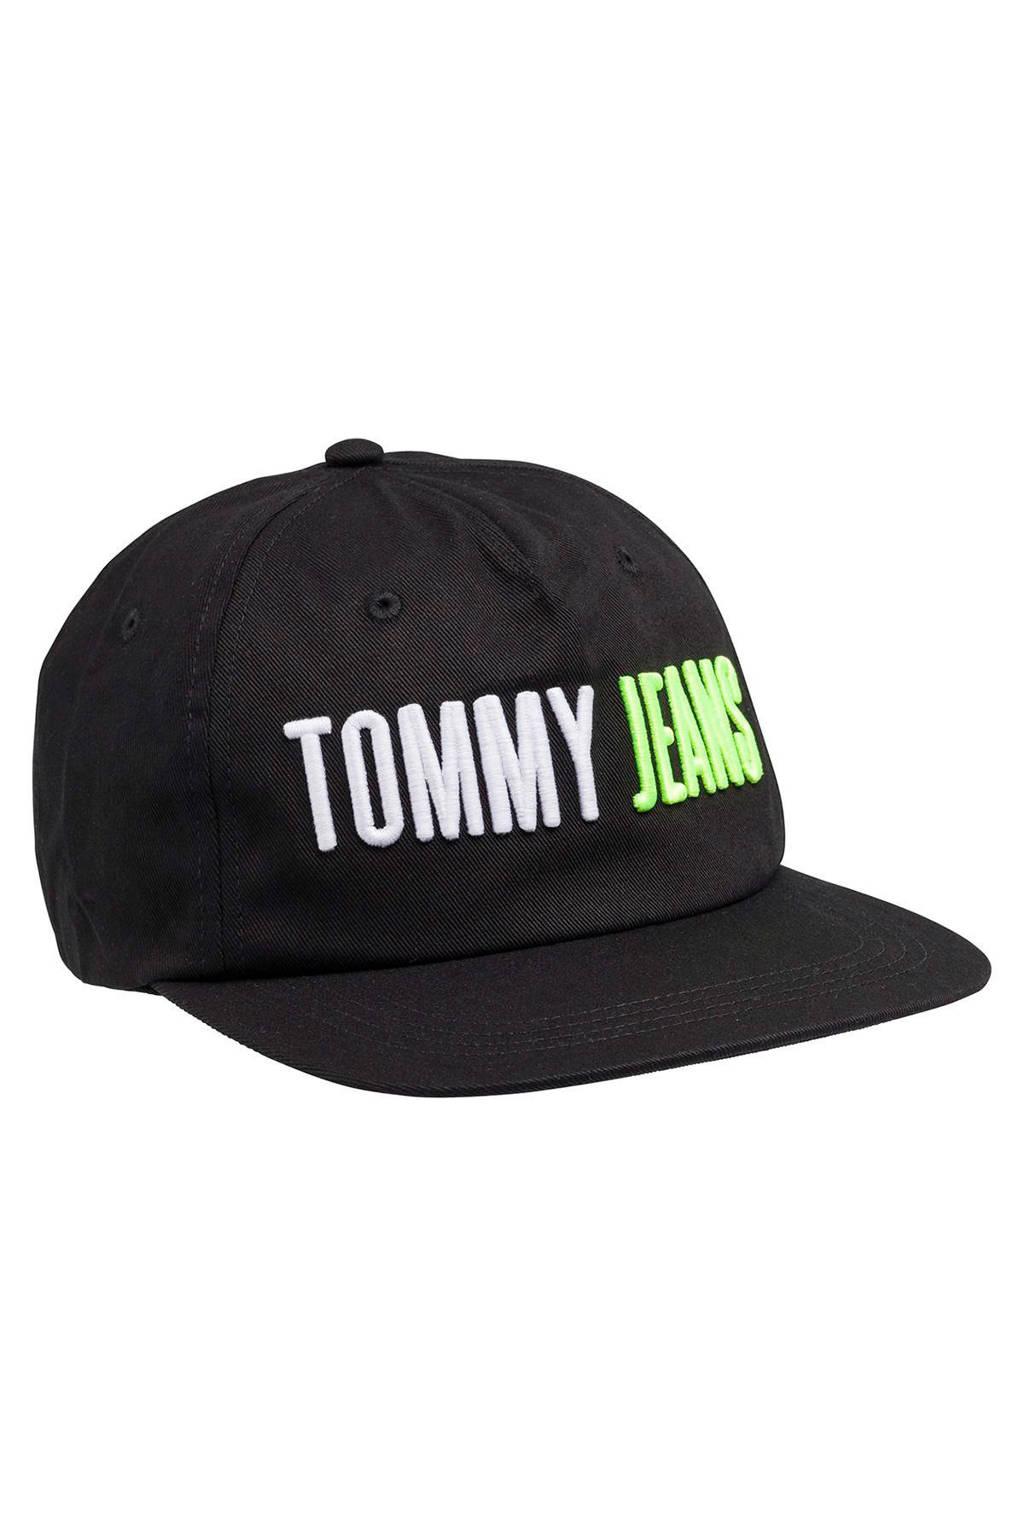 Tommy Jeans Snapback pet TJU Reverse Logo Cap, Zwart/wit/groen